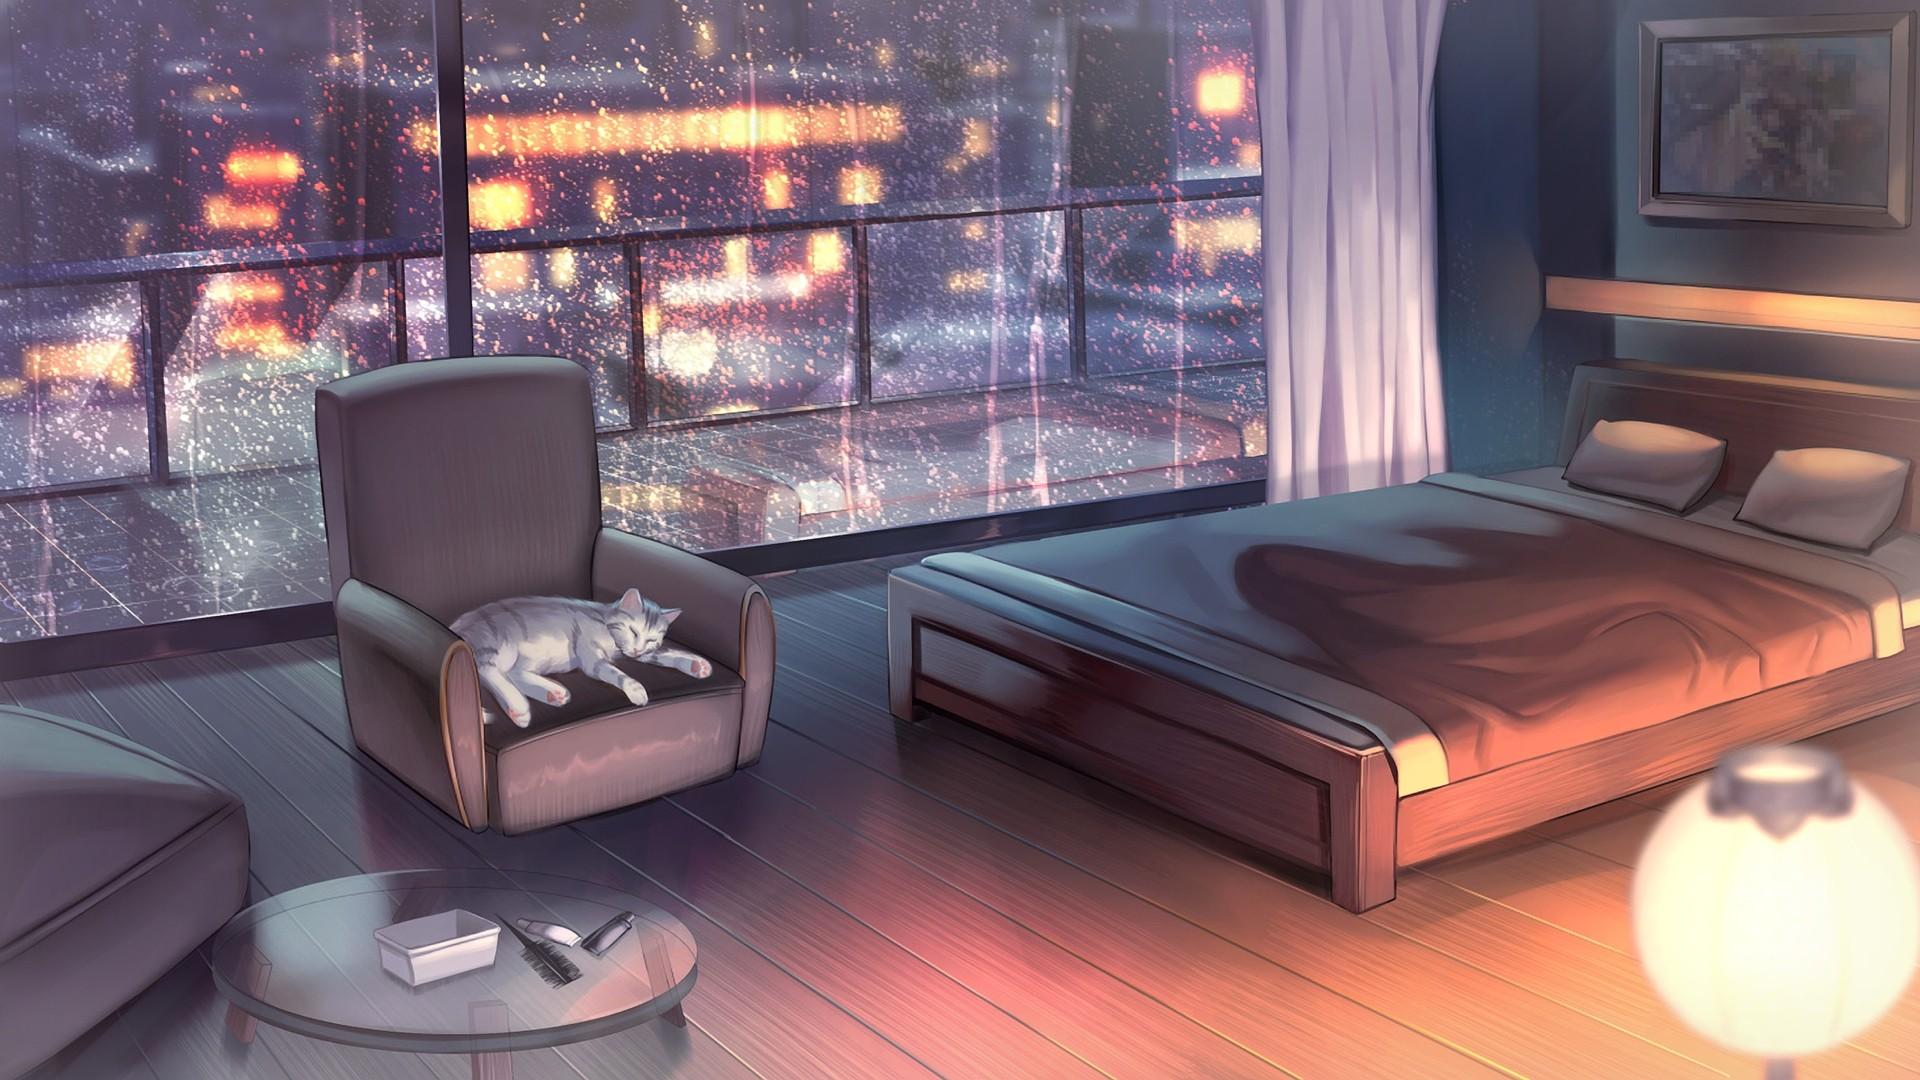 Anime Bedroom hd desktop wallpaper